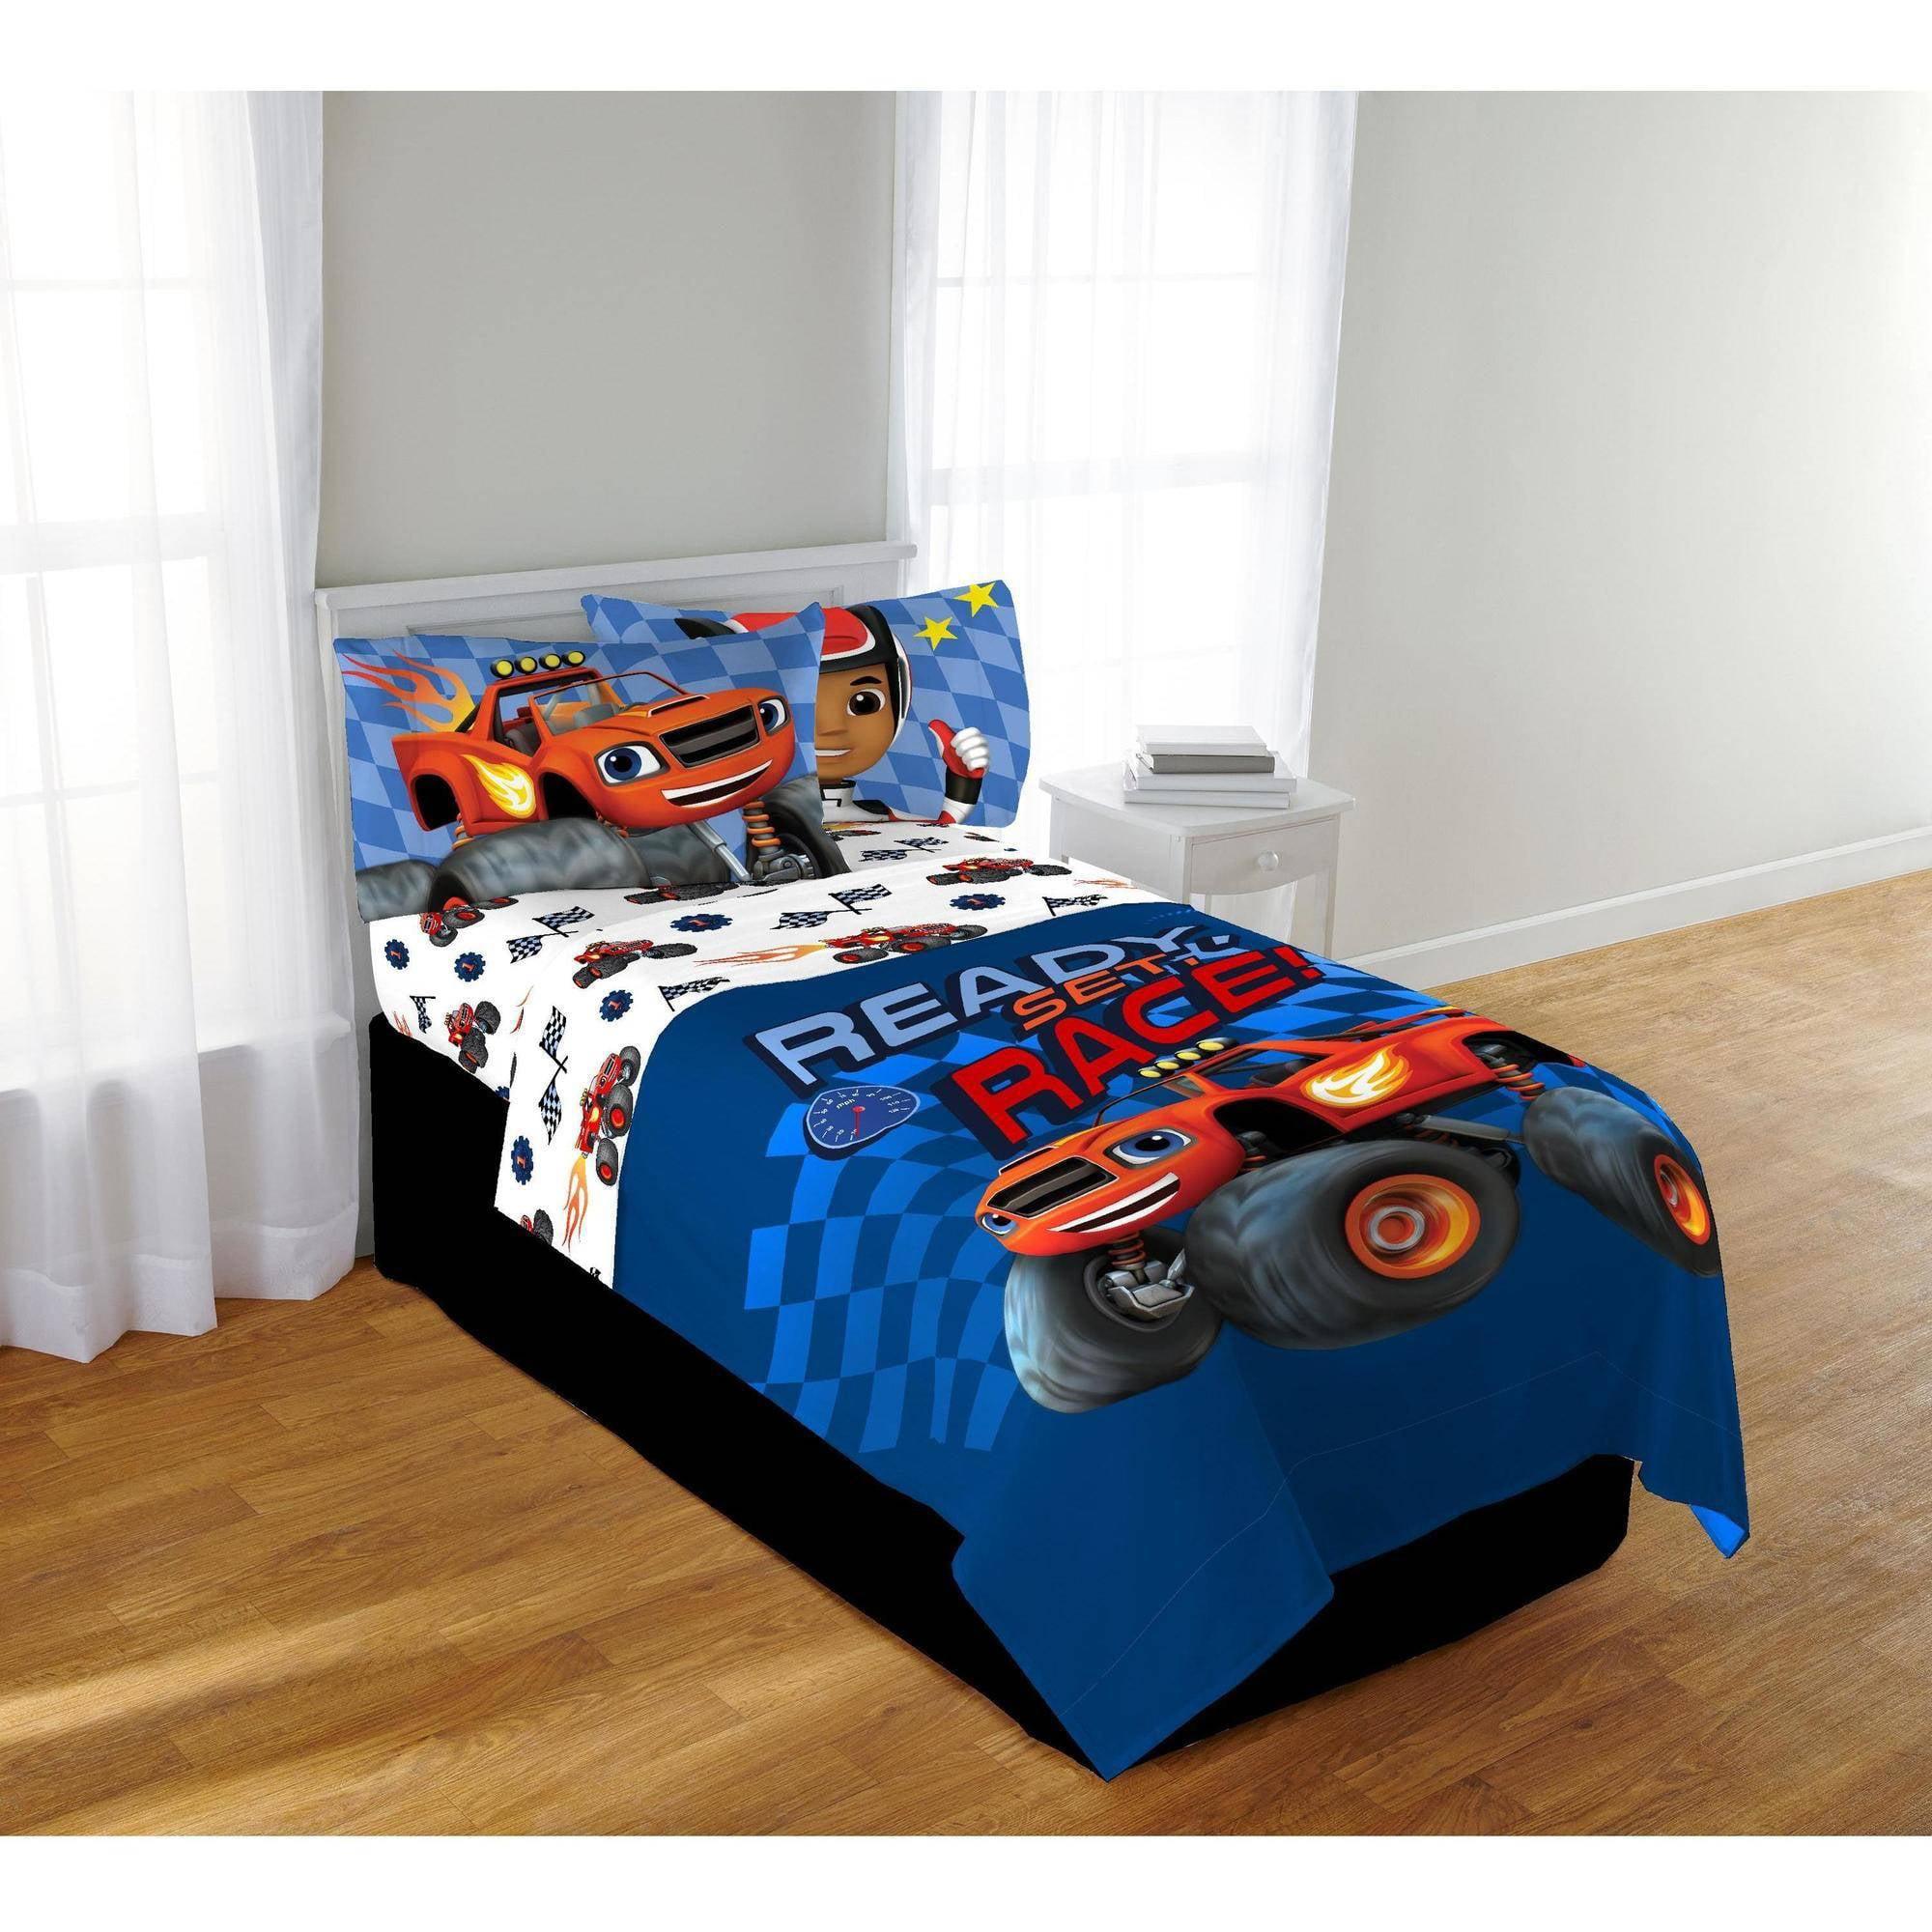 Nickelodeon Blaze T/f Comforter